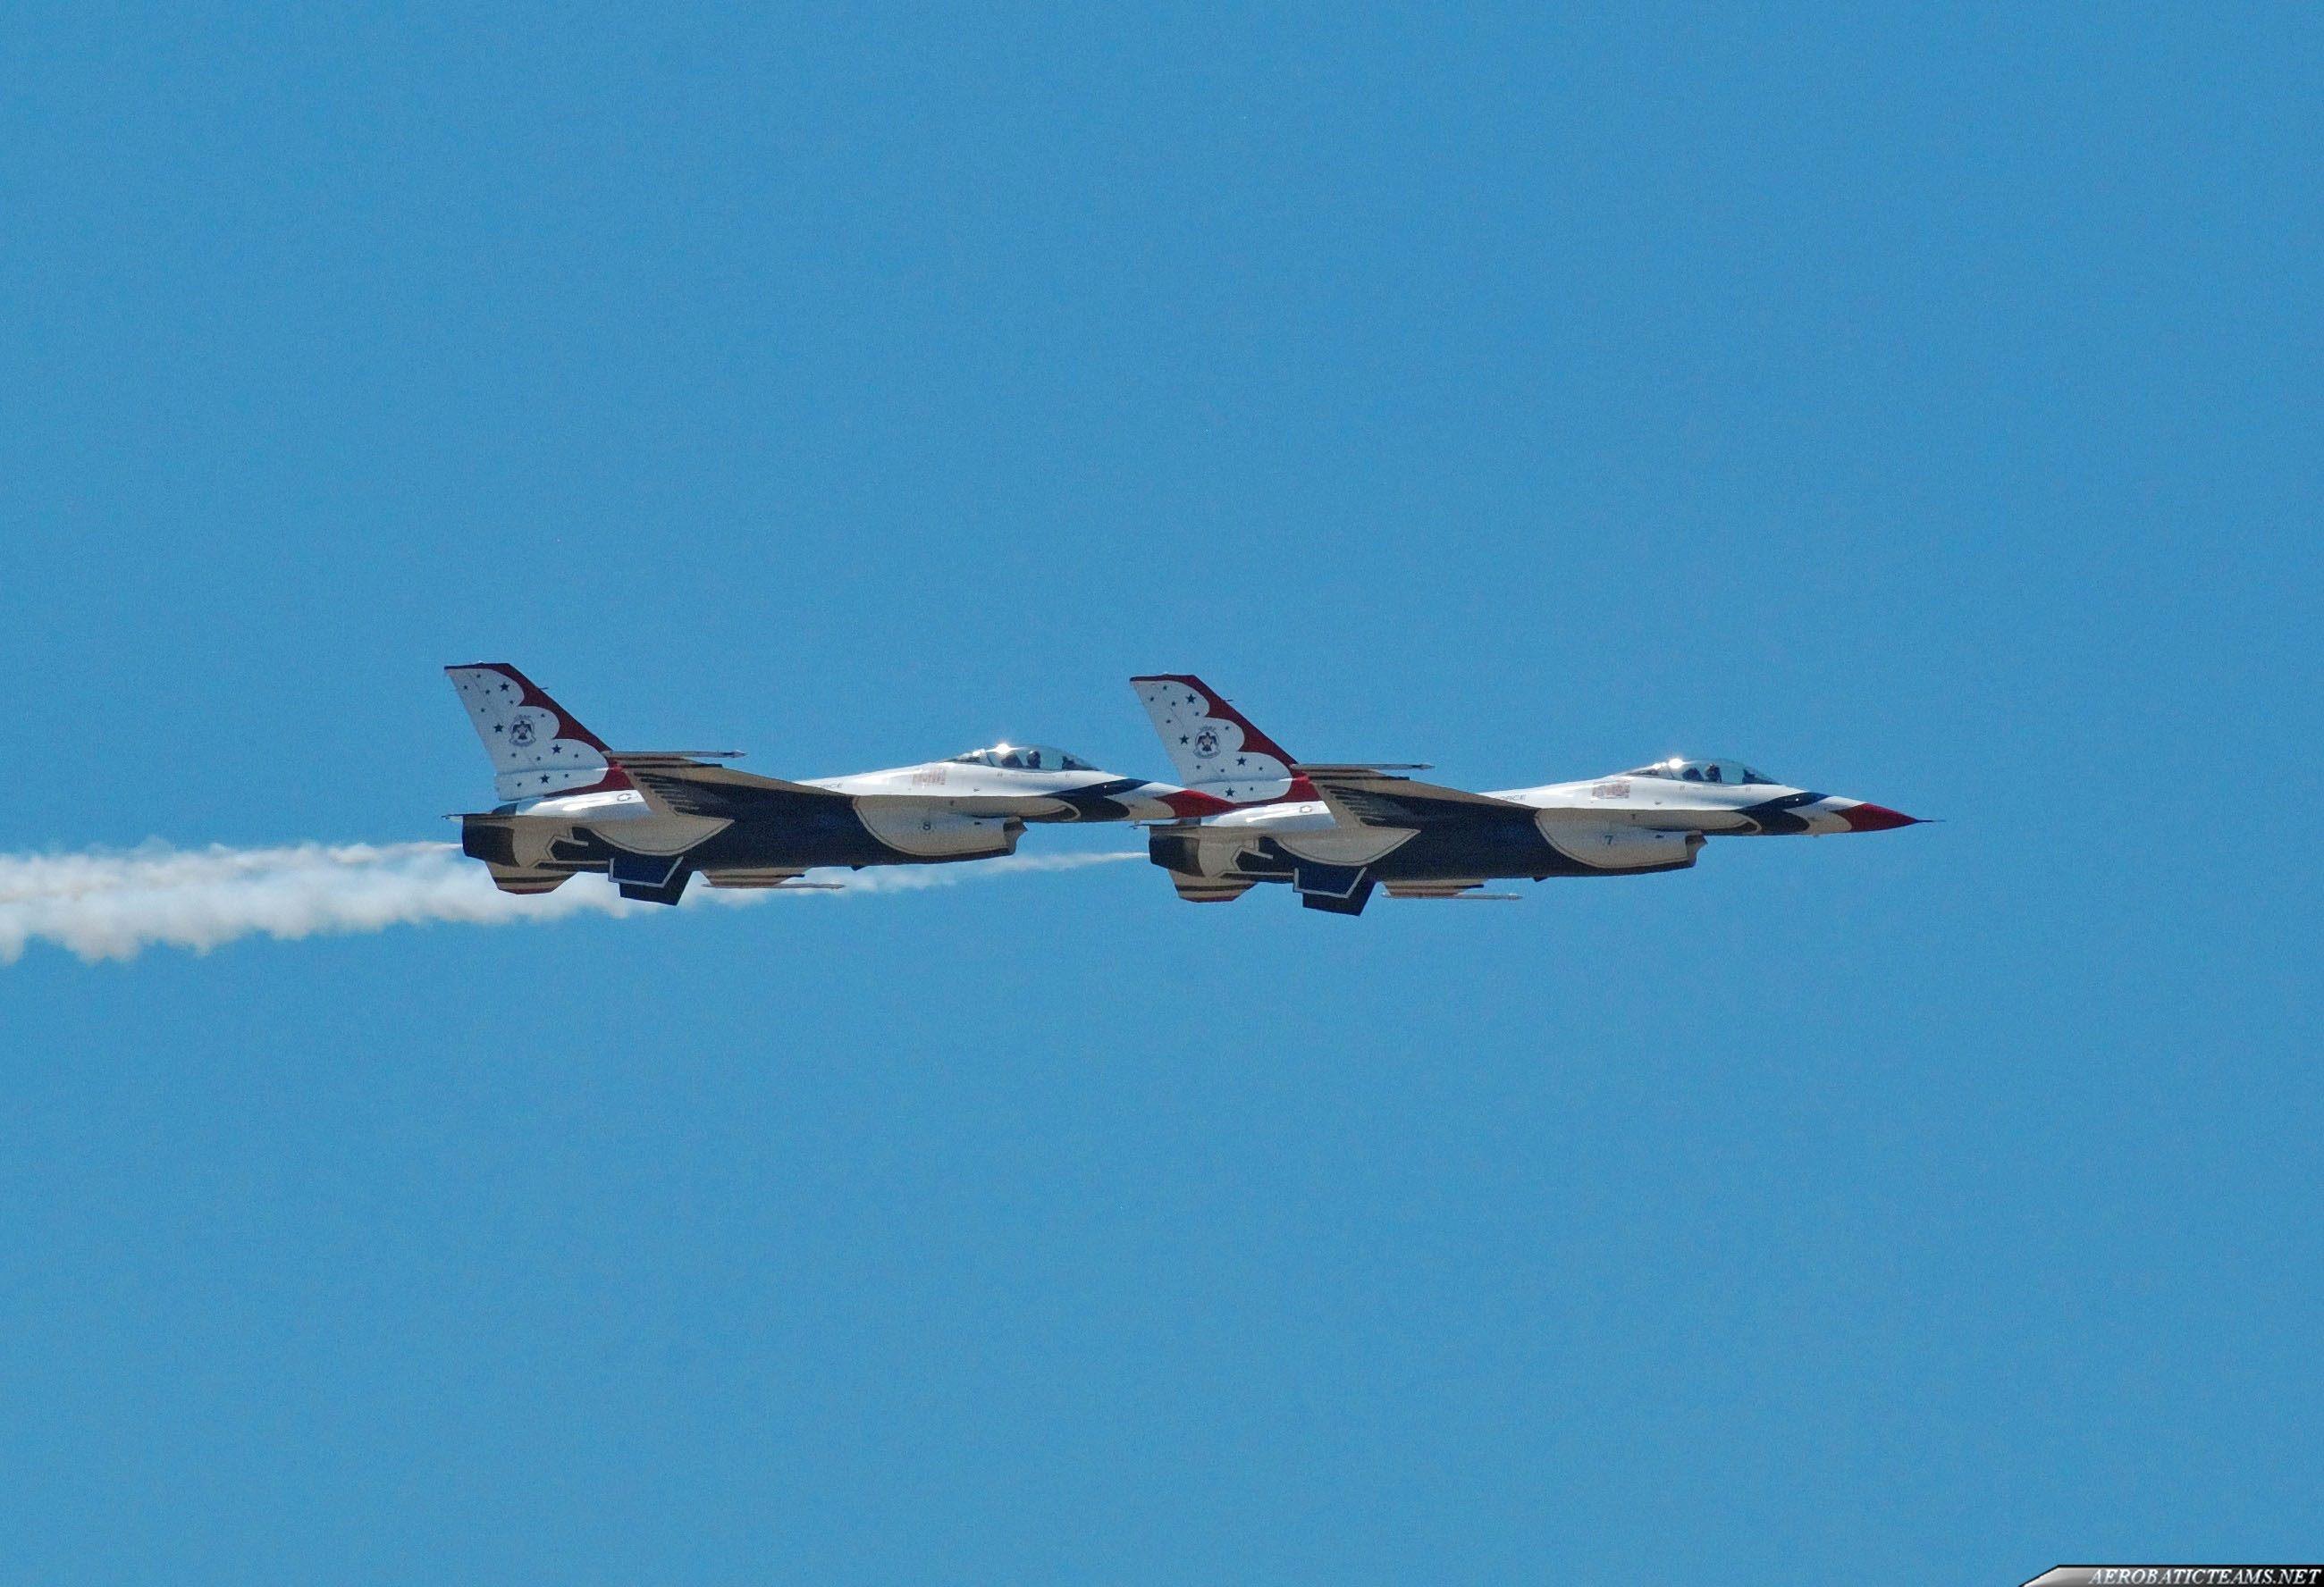 Thunderbirds #7 and #8 arrived over the Graf Ignatievo Air Base